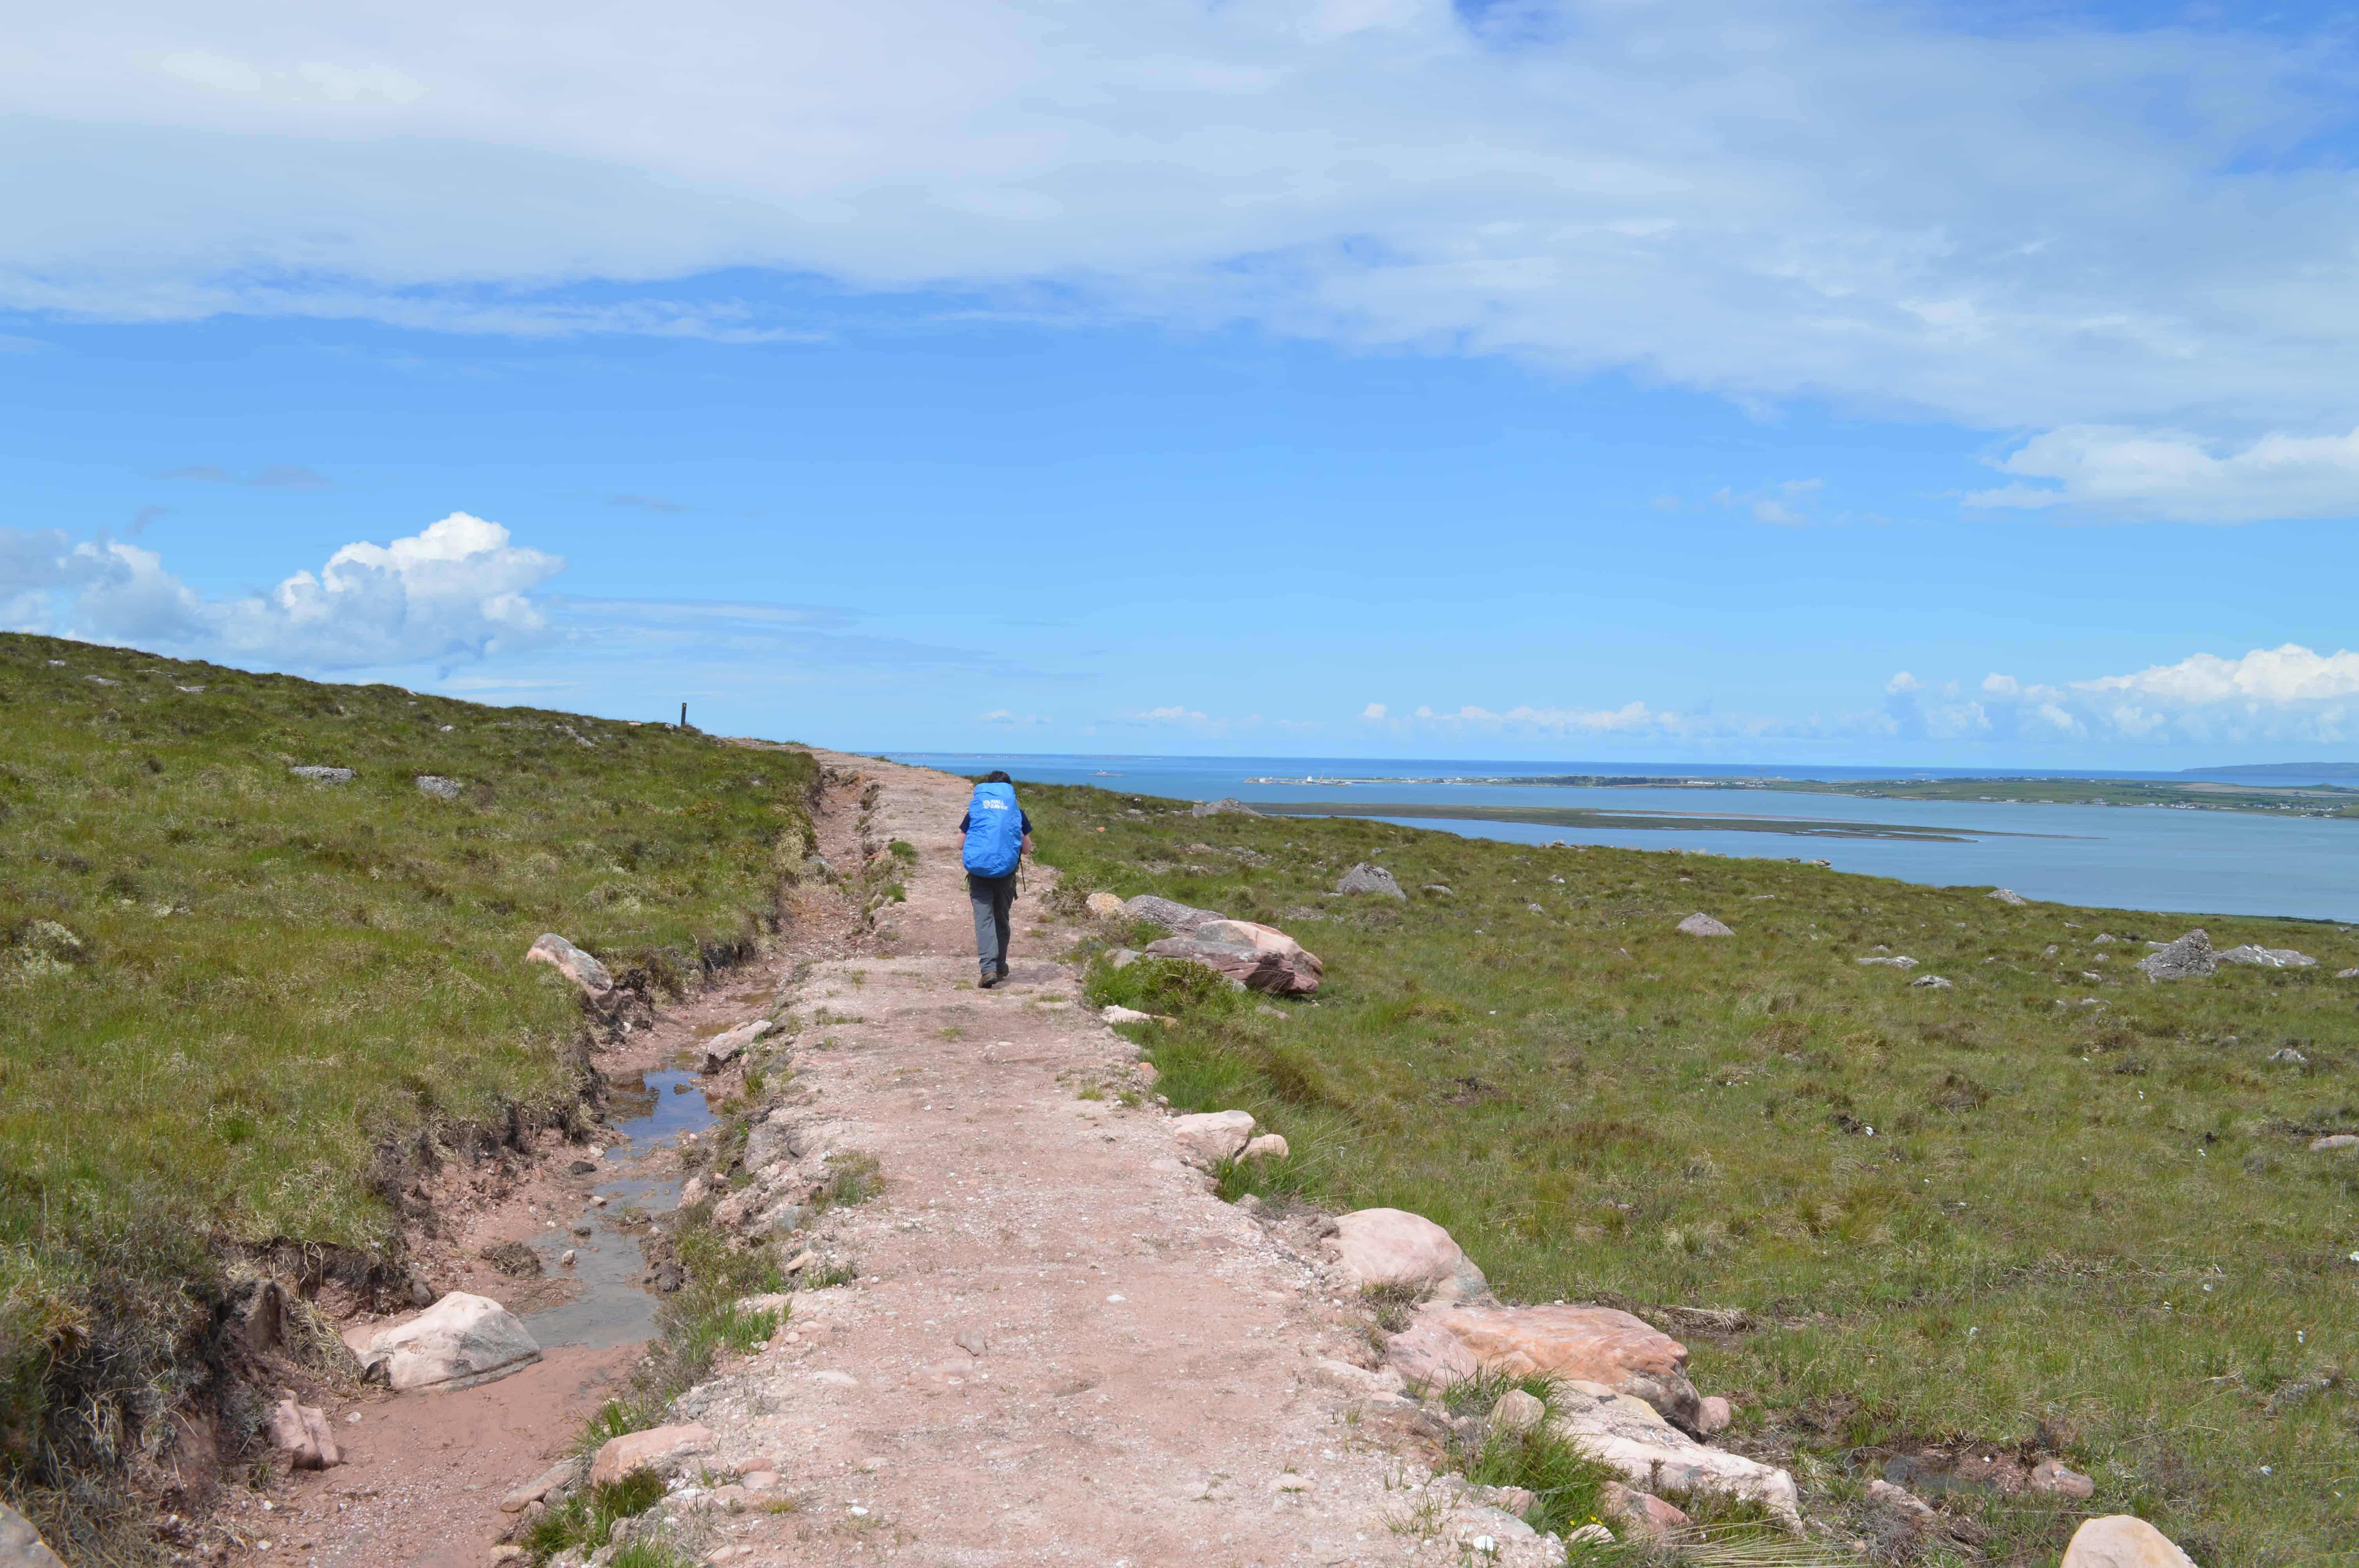 Verlaten gebied wandelen - de Dingleway - HappyHikers